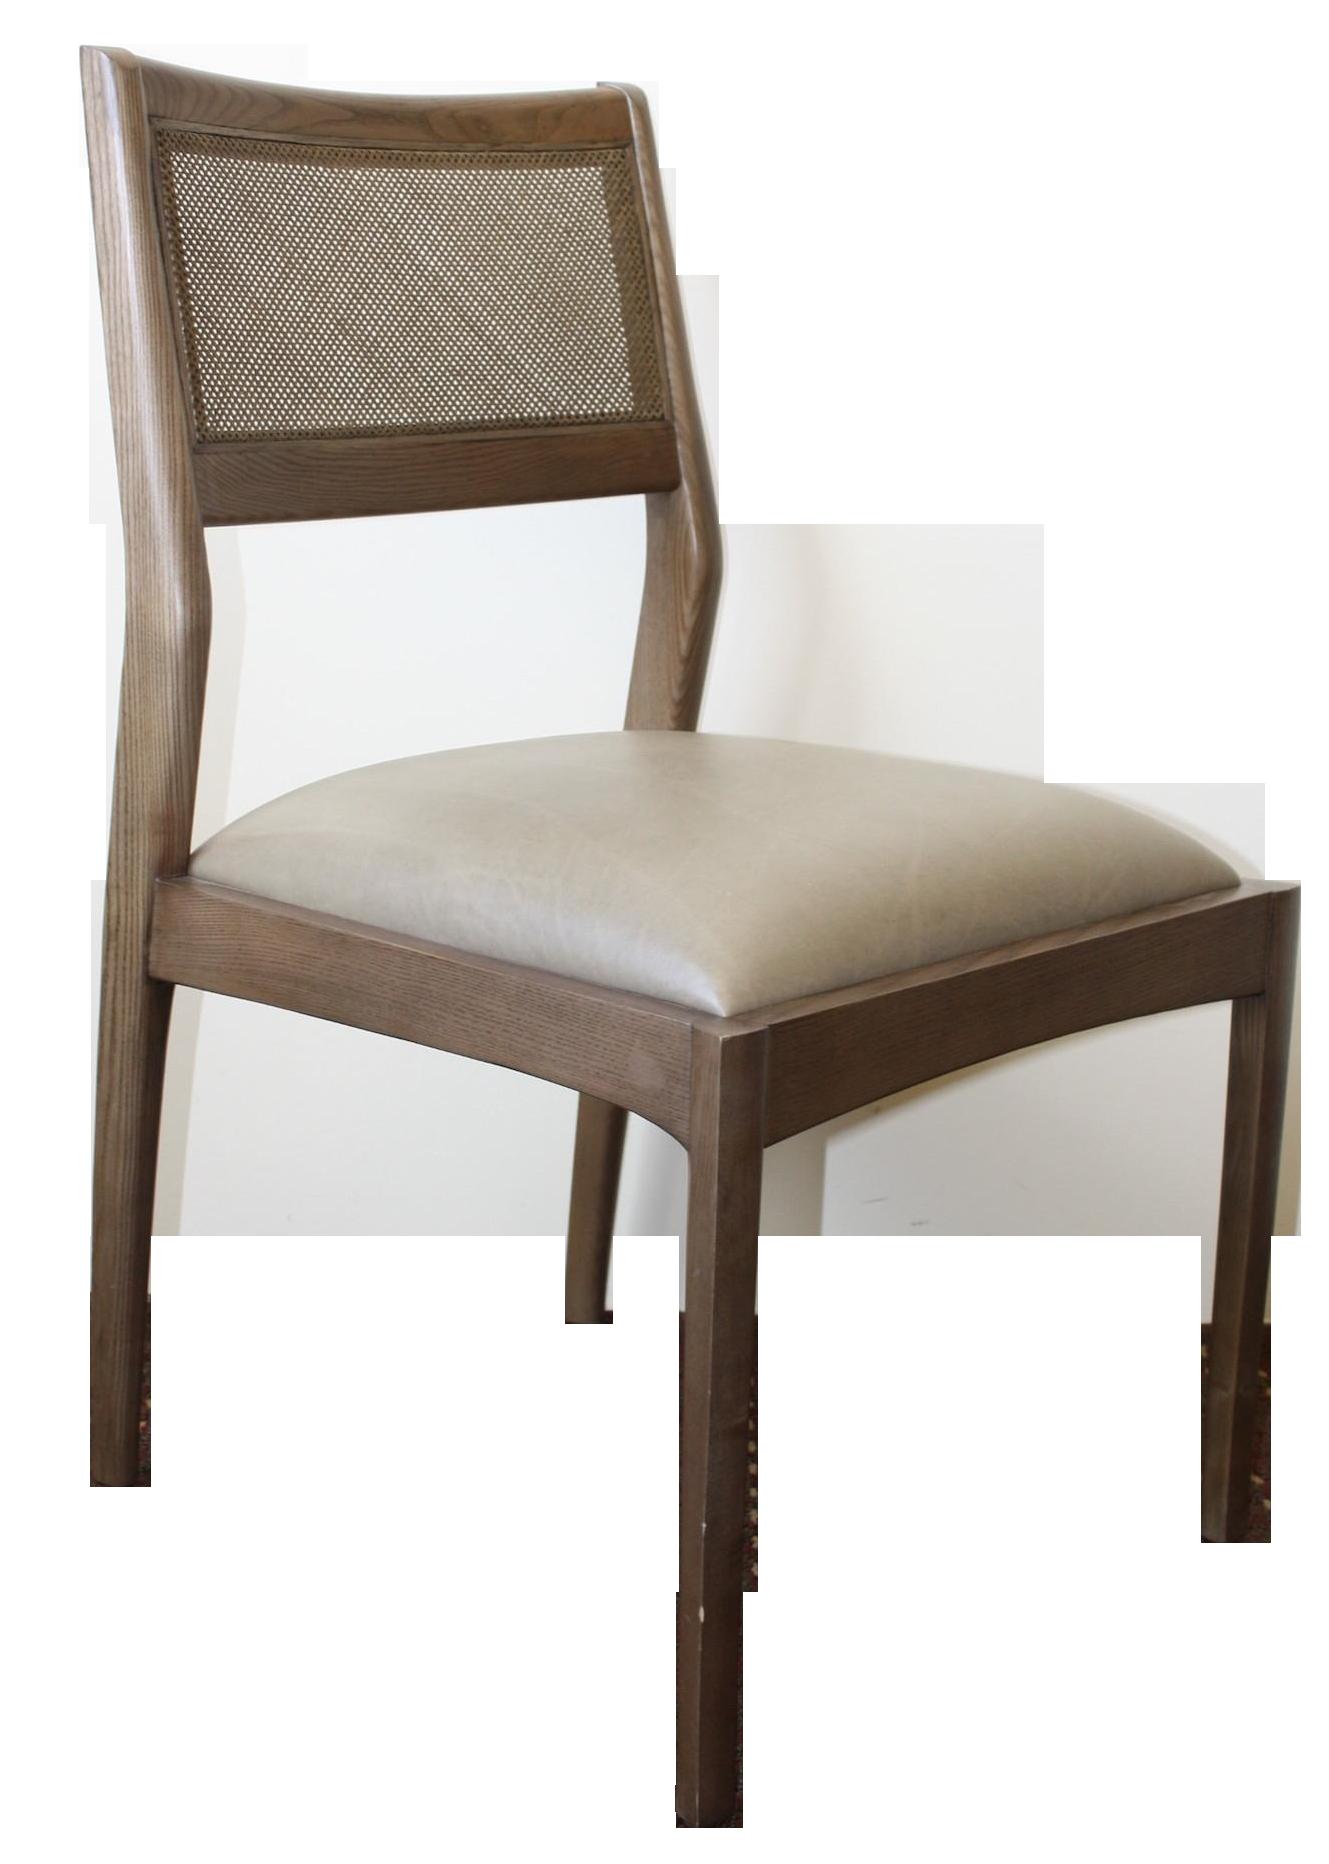 McGuire Fino Side Chair in Gray & Dove